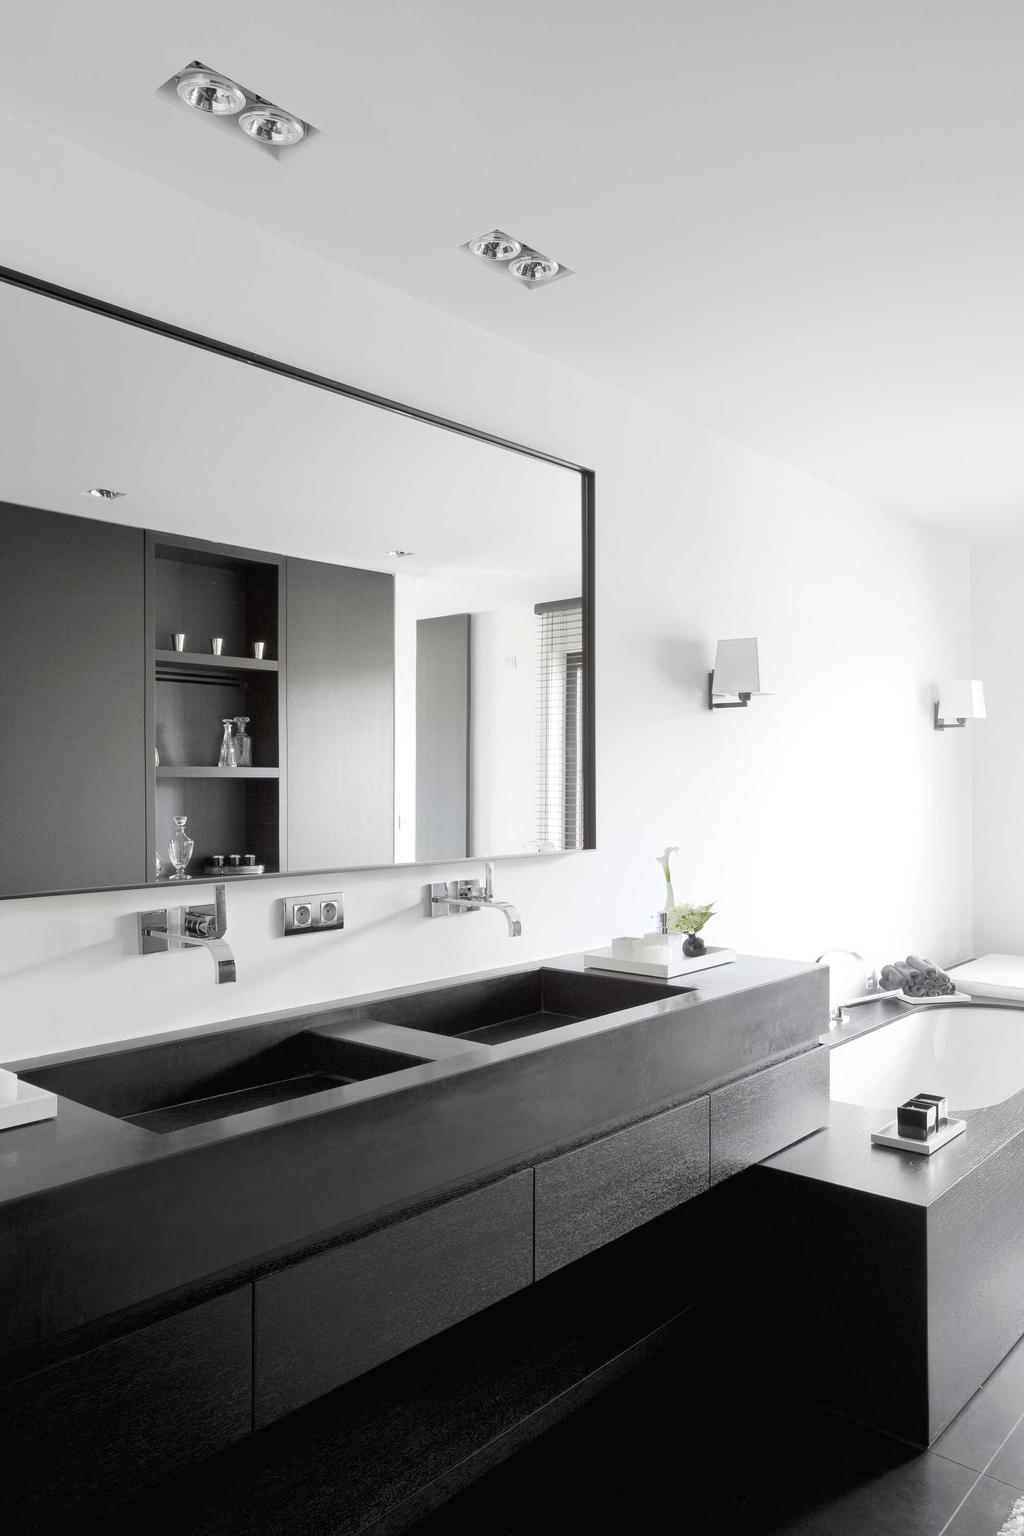 spiegel badkamer zwart wit